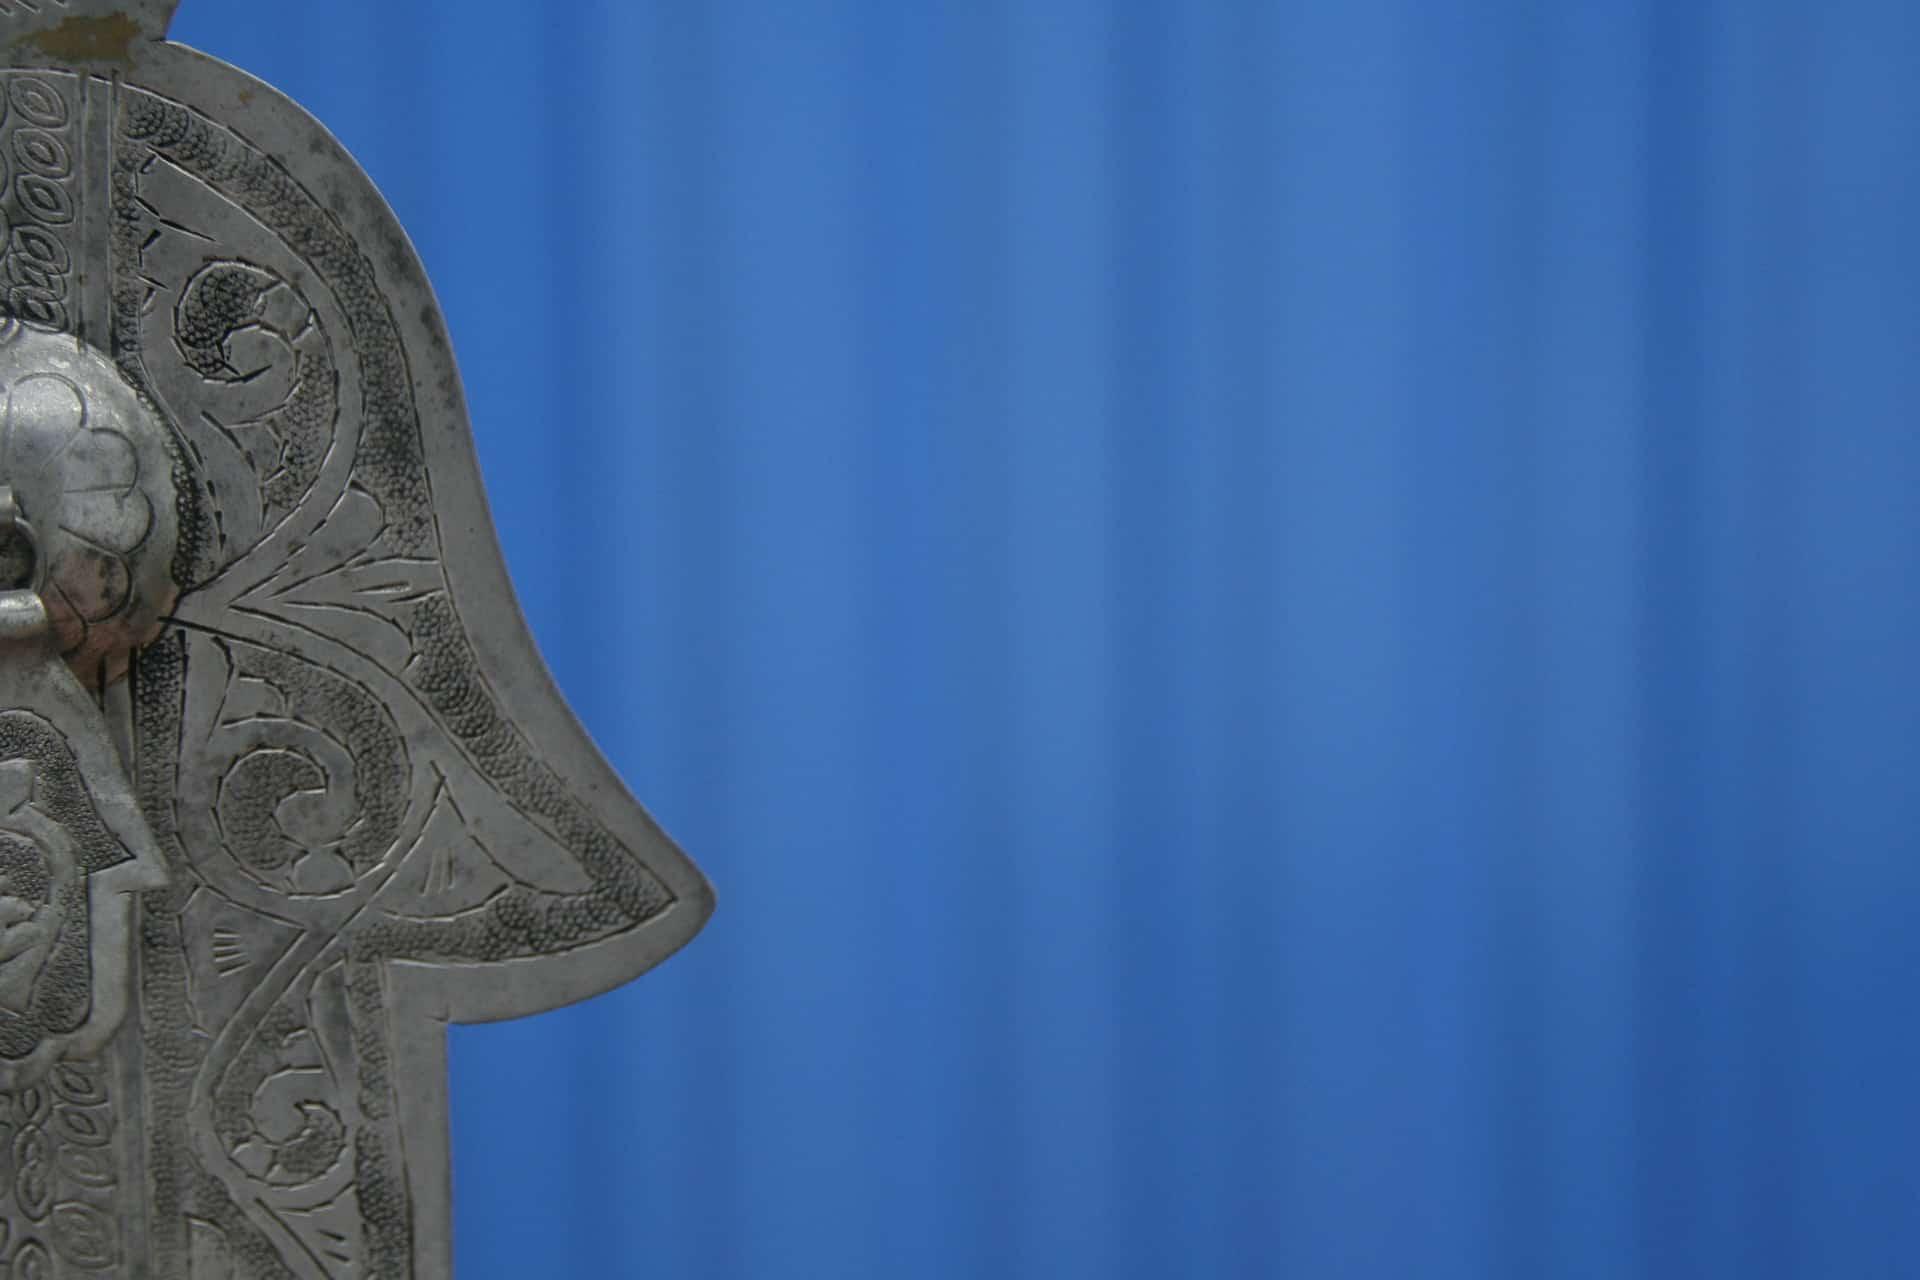 Hamsa Hand aus Metall Ausschnitt vor blauem Hintergrund